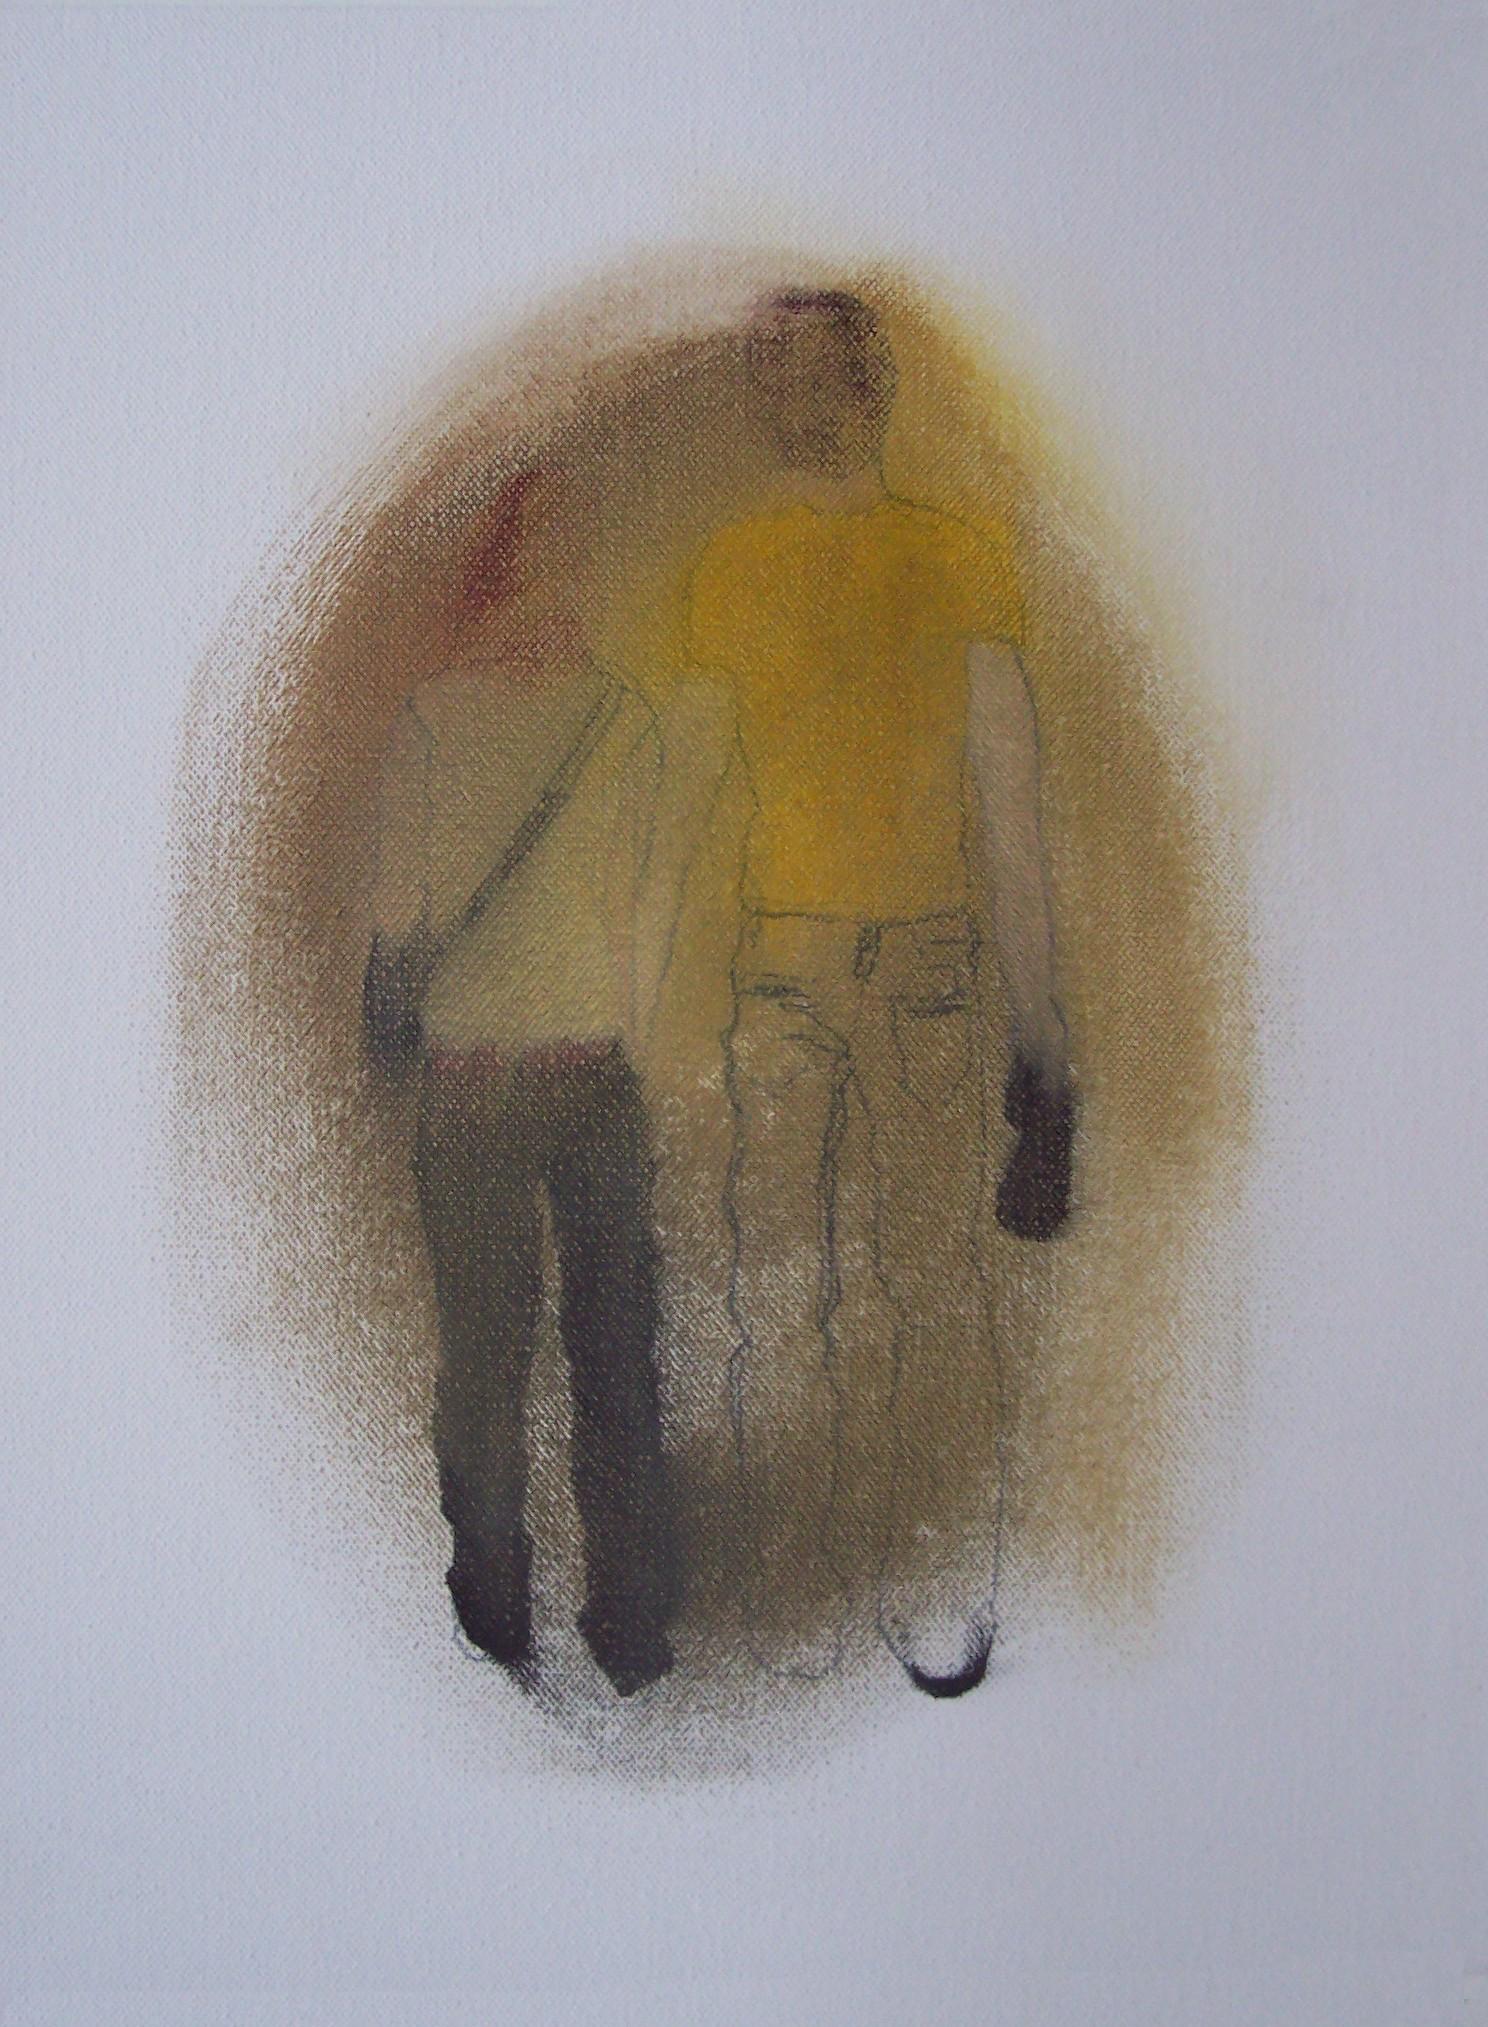 Pareja emborronada (2010) - Jesús Manuel Moreno